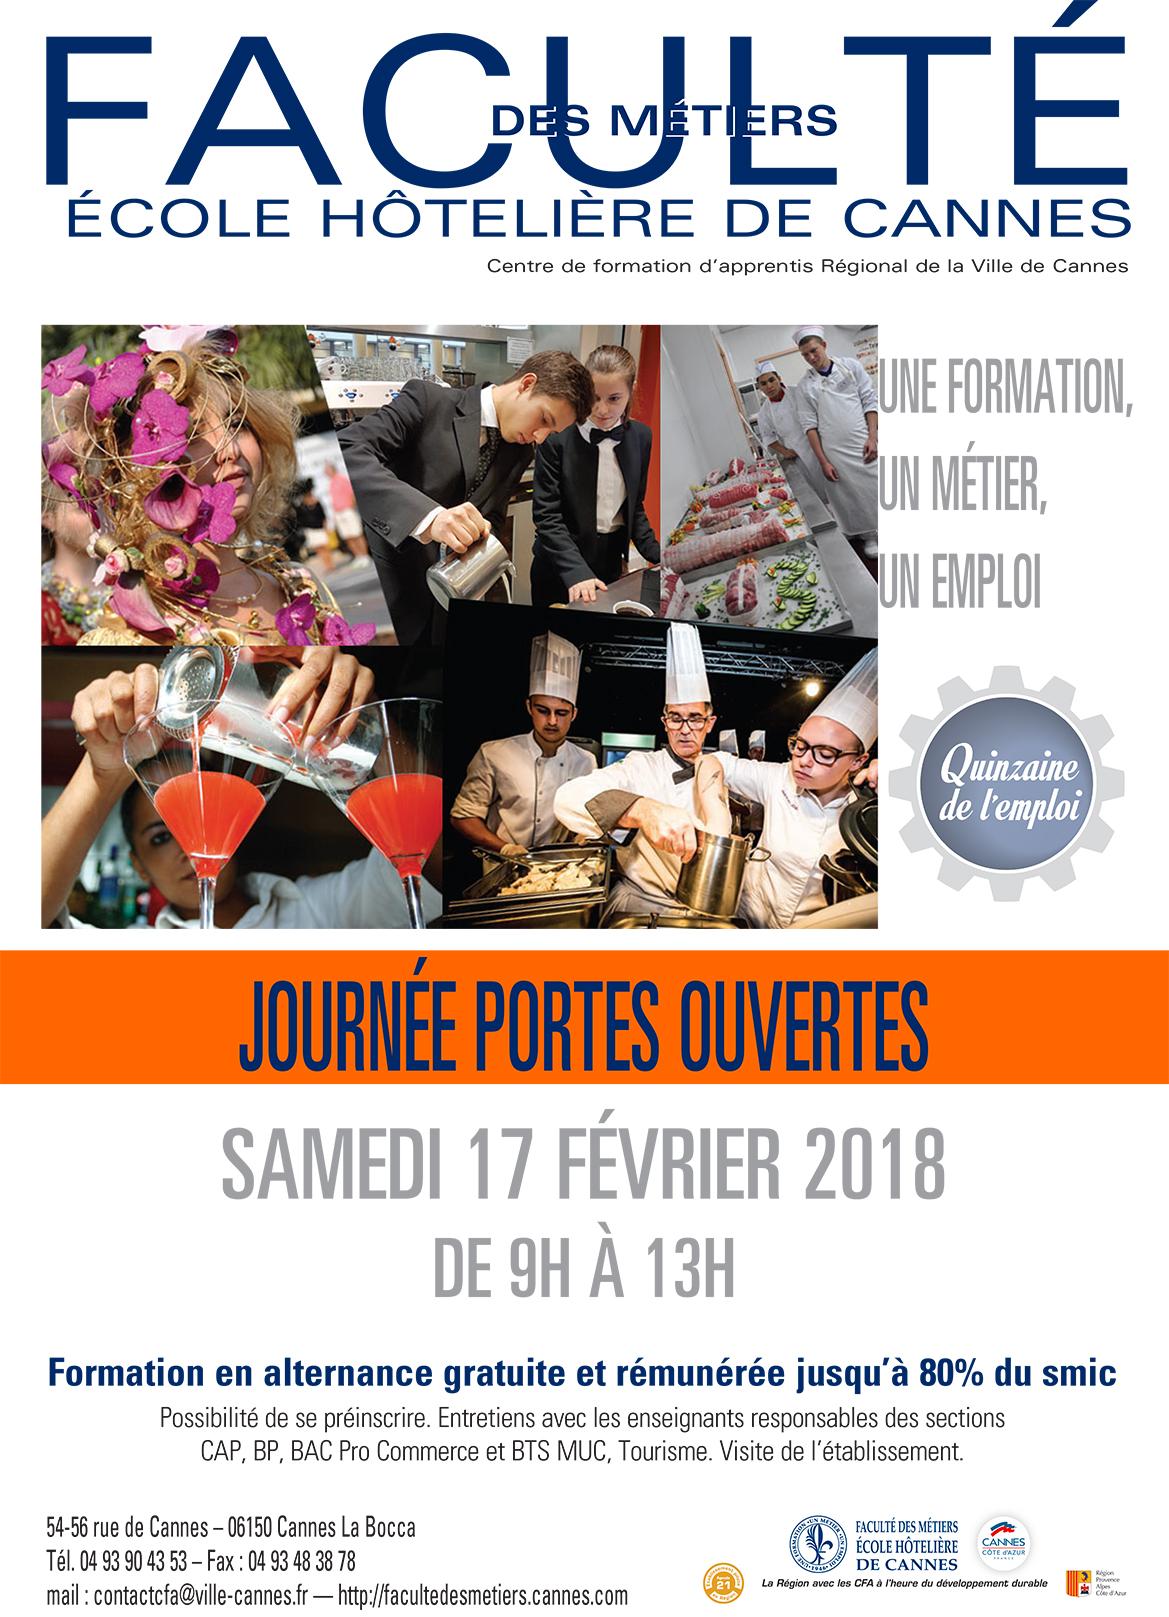 Journée Portes Ouvertes Faculté des Métiers de Cannes